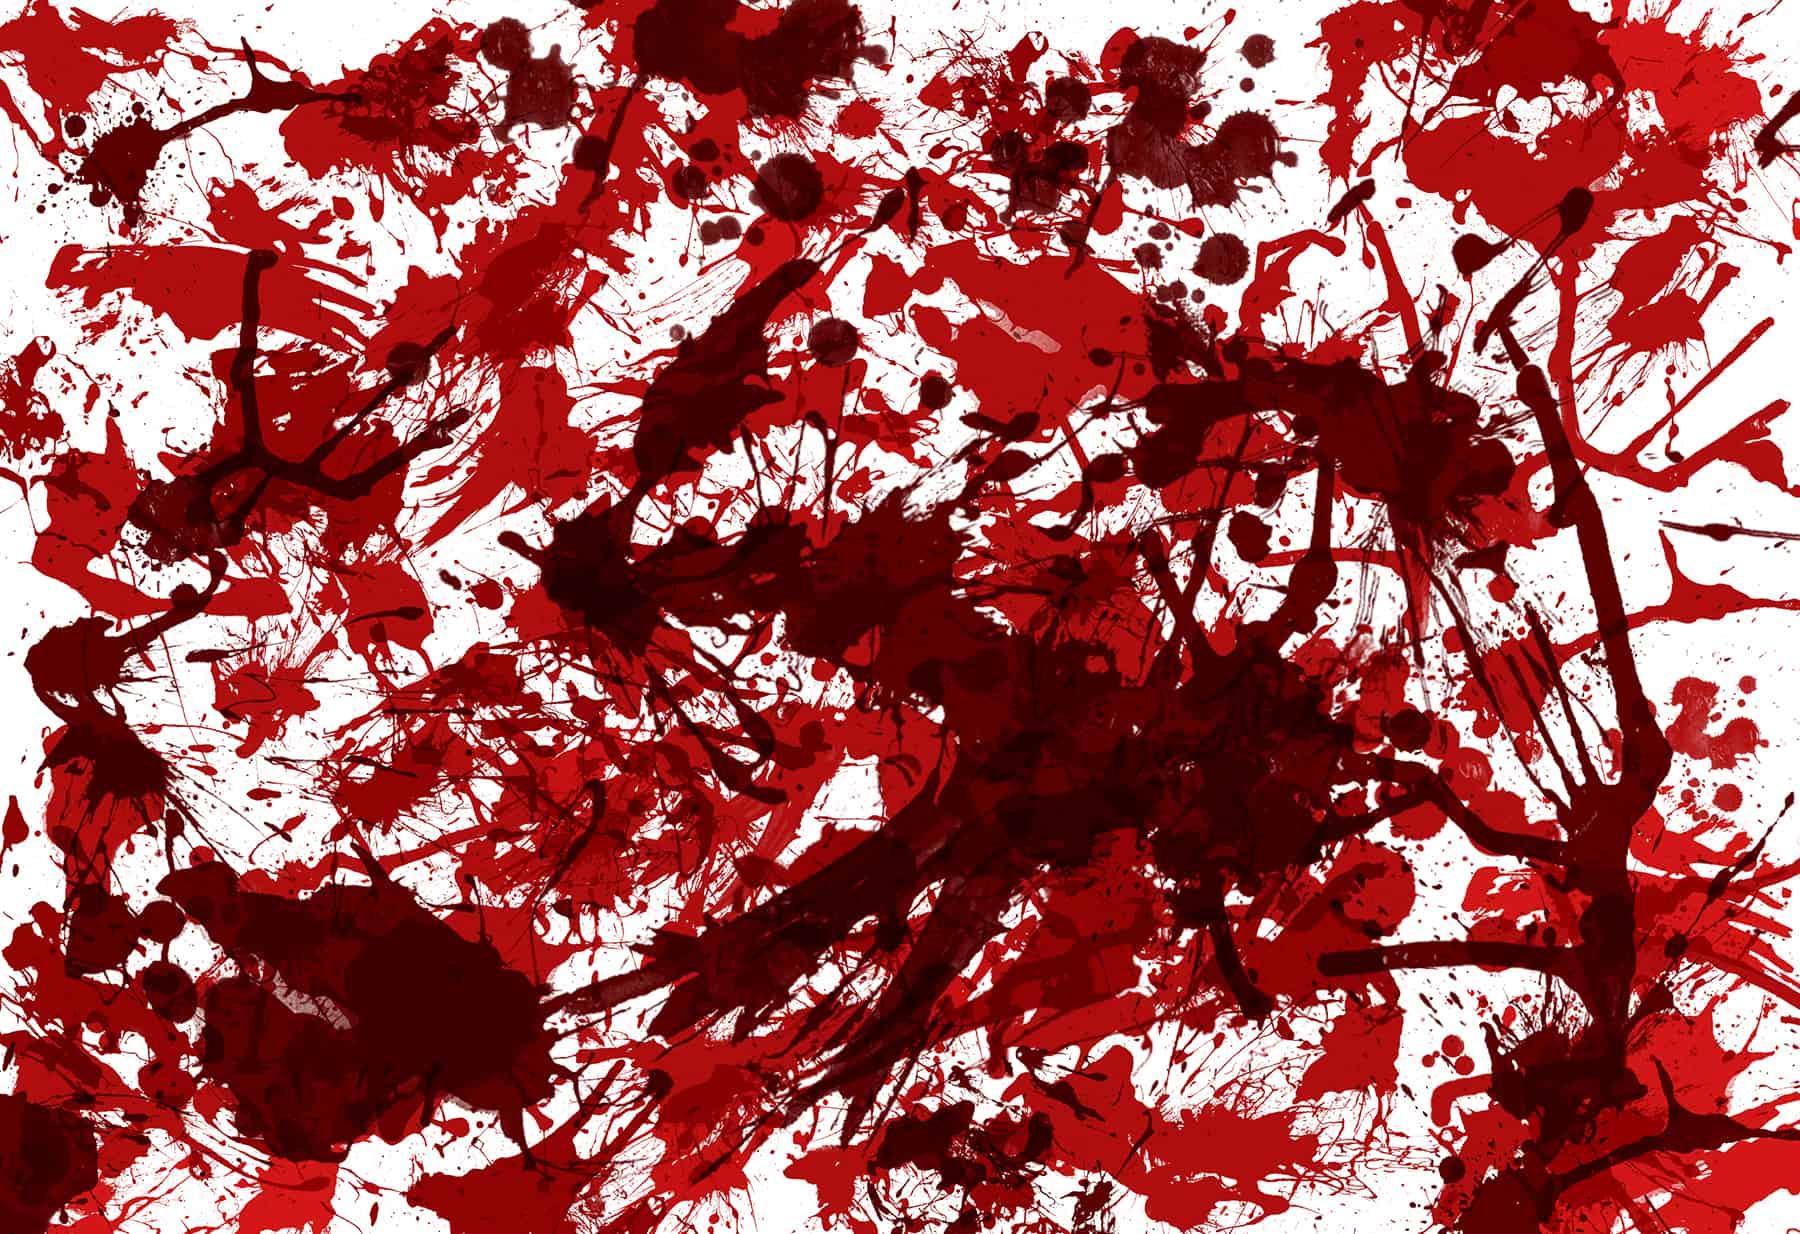 к чему снится много крови